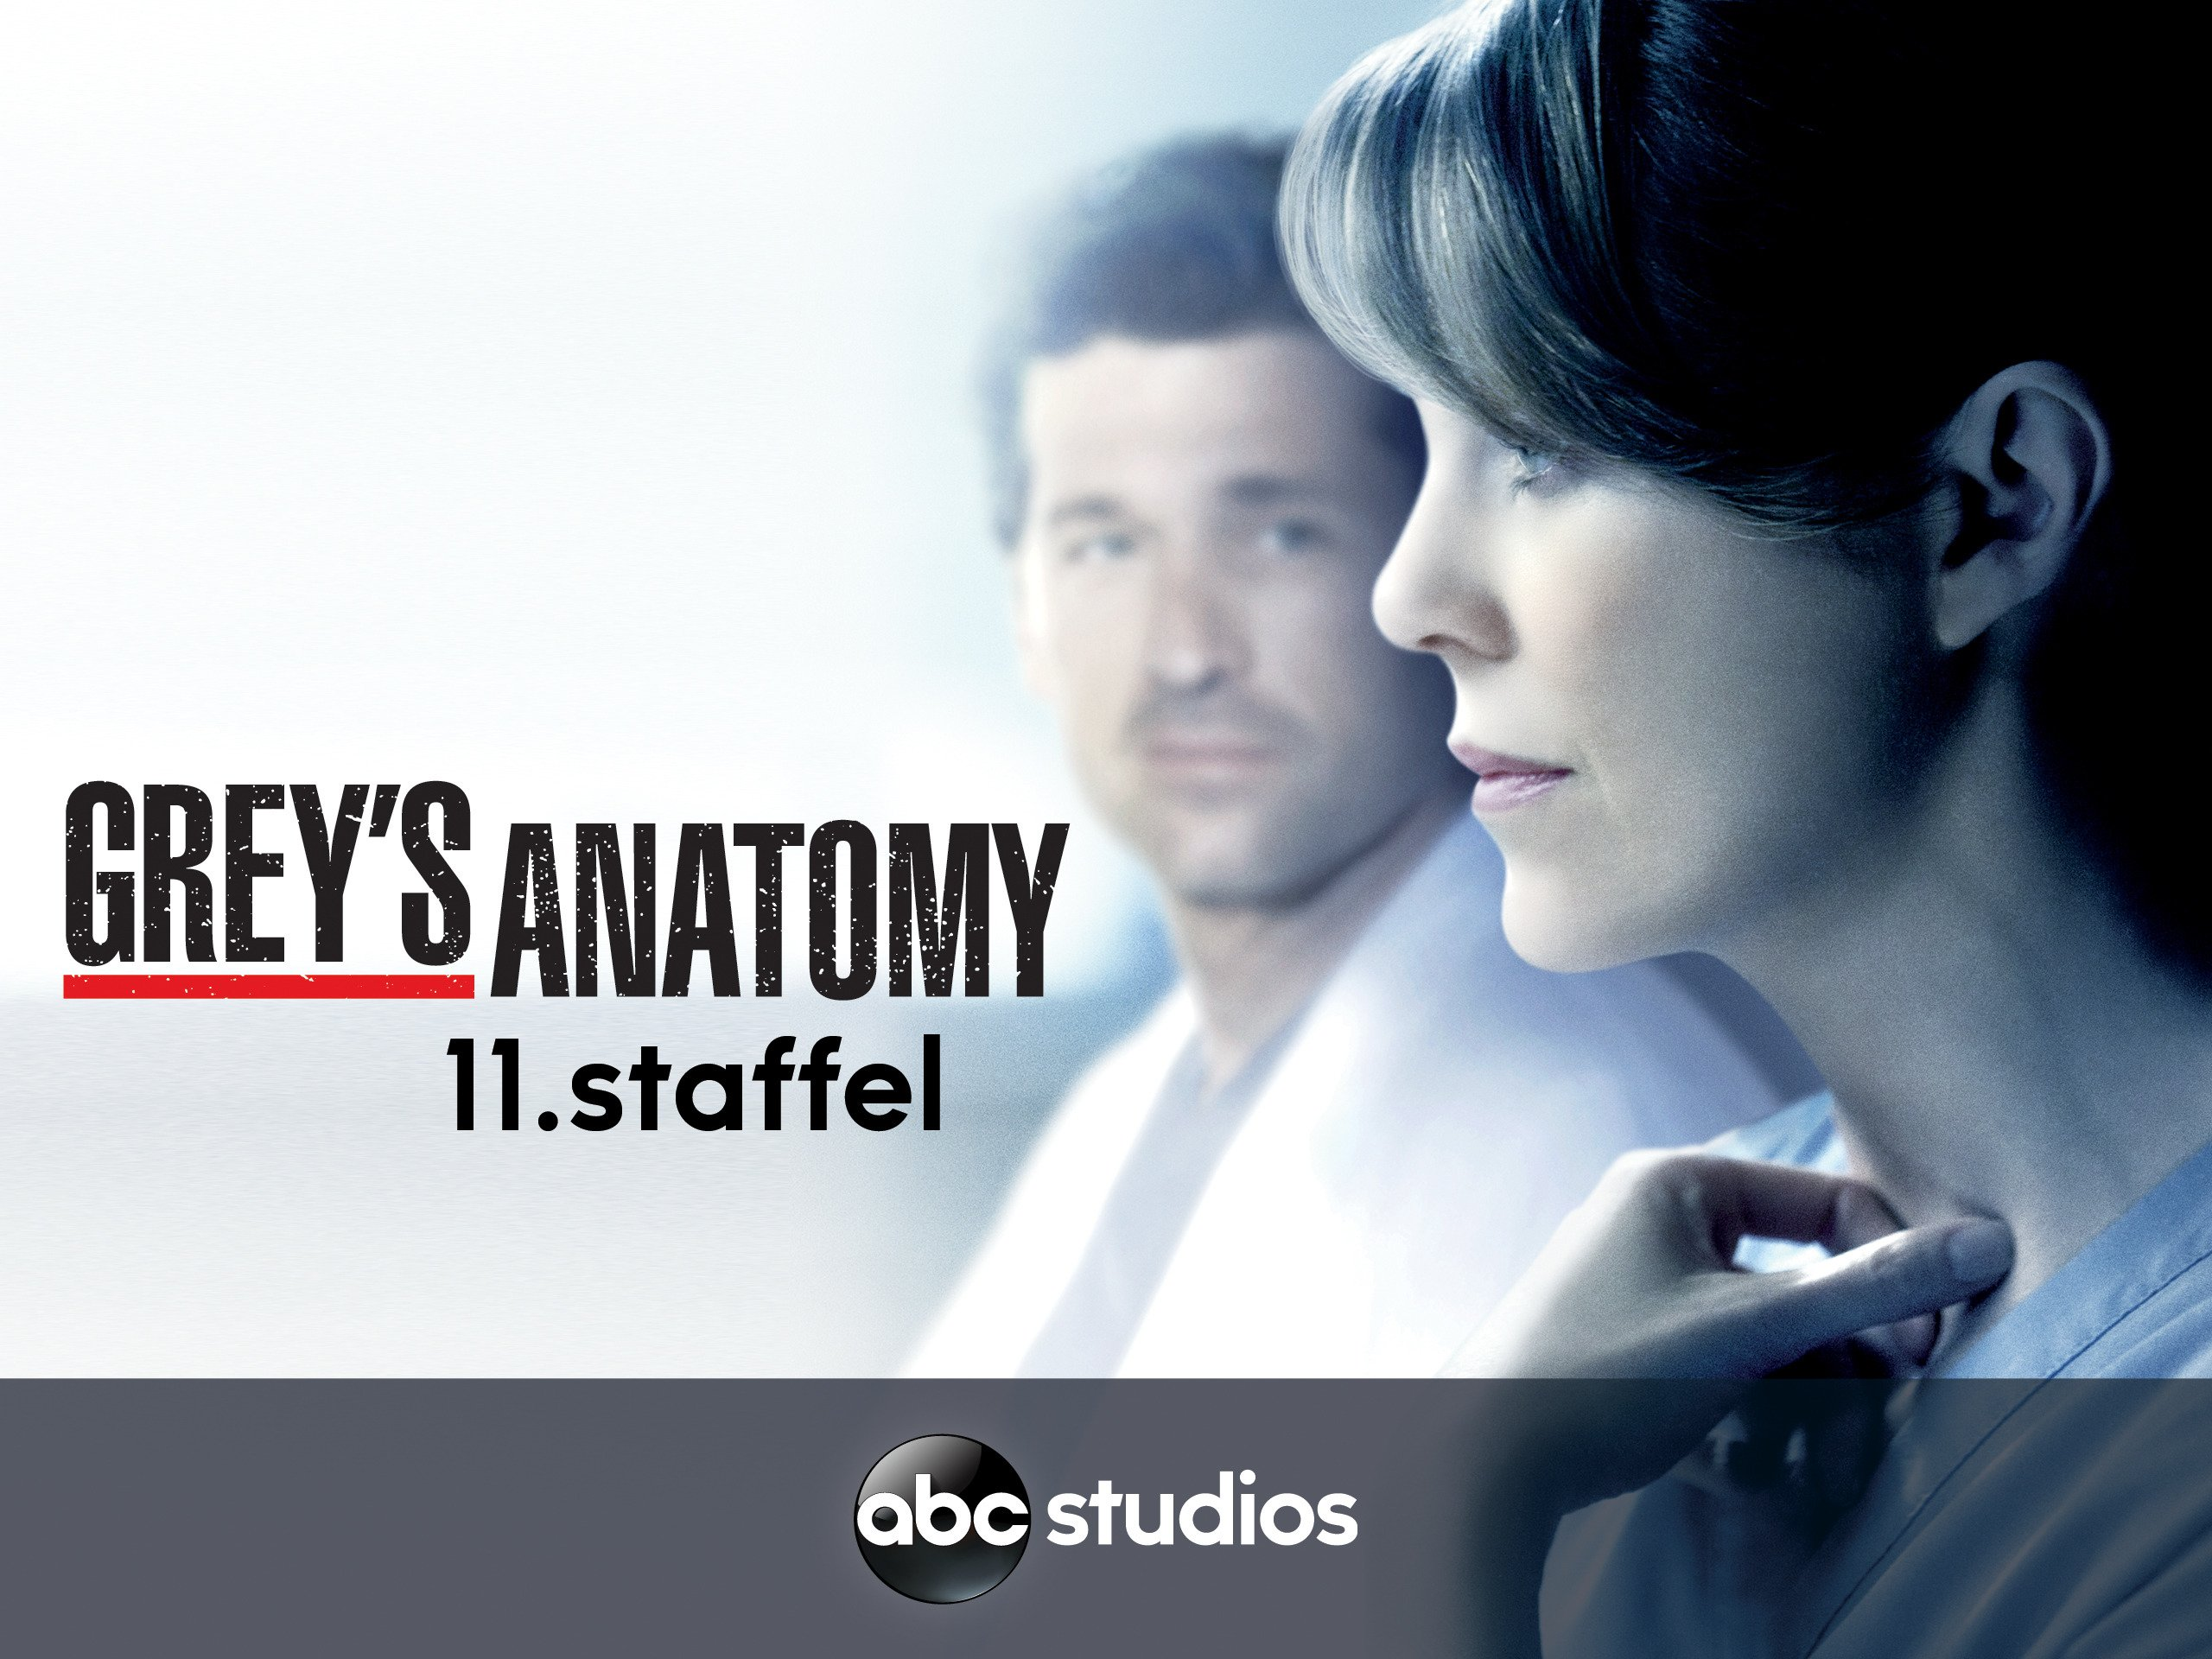 Greys anatomy staffel 16 deutschland